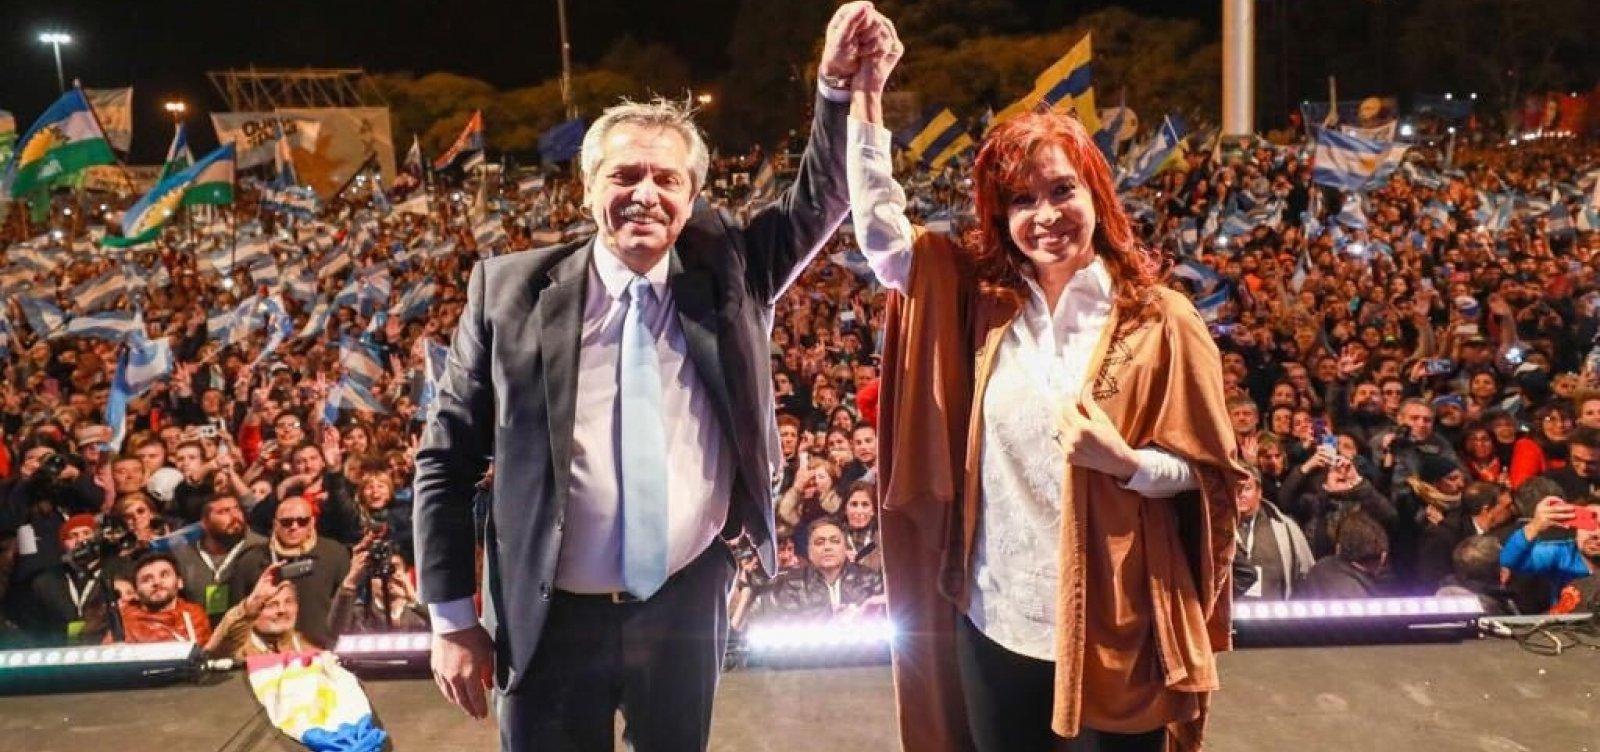 Alberto Fernández derrota Macri e é eleito presidente da Argentina em 1º turno